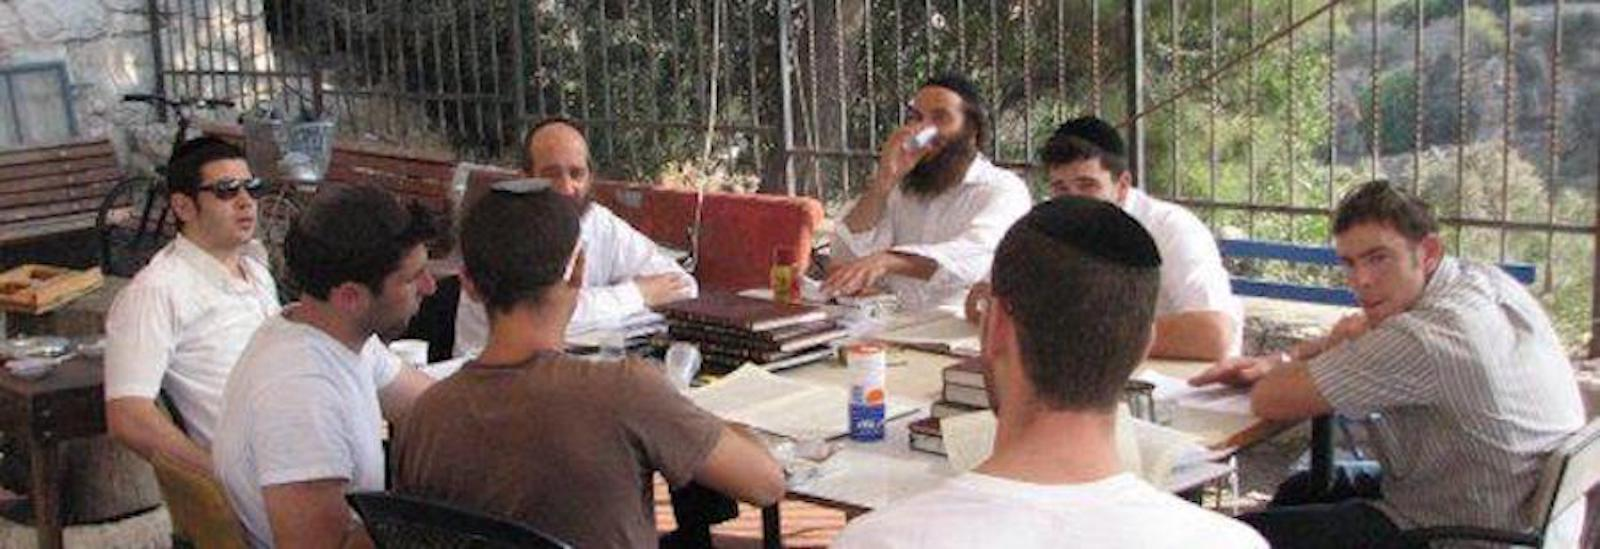 Global Yeshiva Gap Year Program